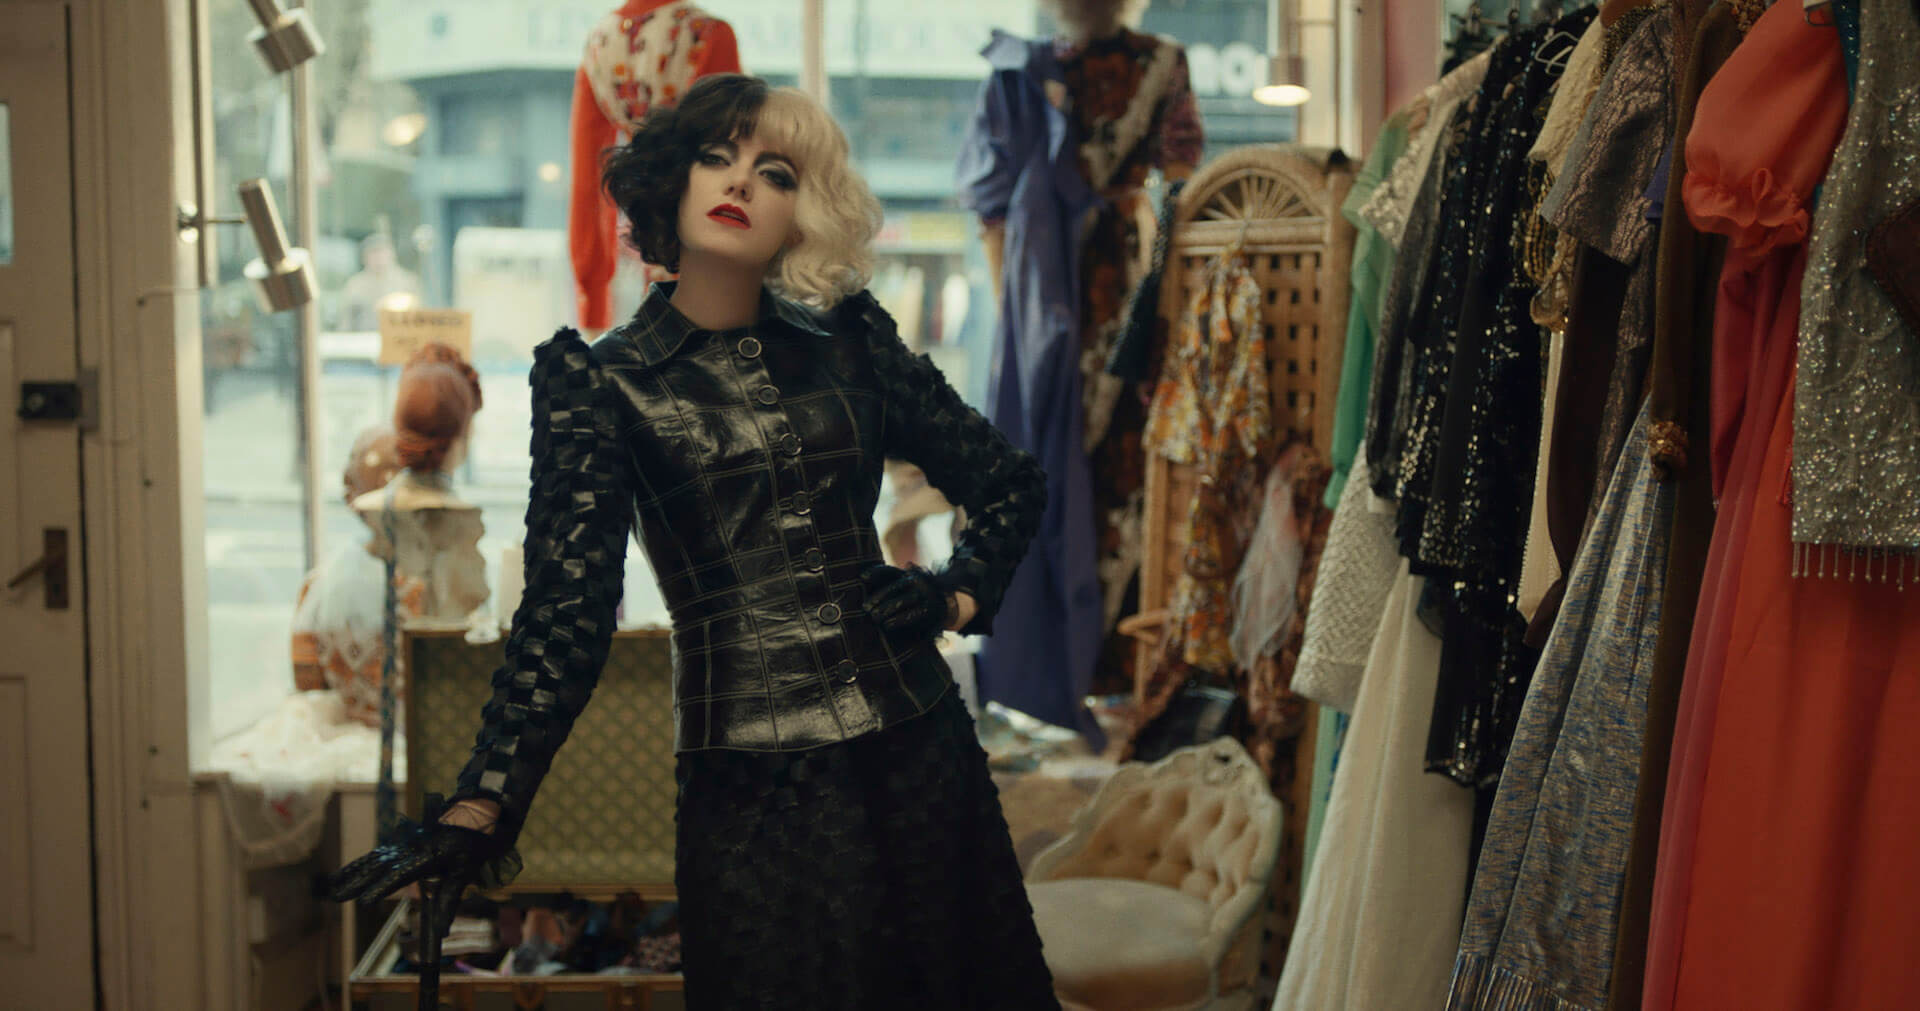 『クルエラ』クレイグ・ギレスピー監督がエマ・ストーン演じるクルエラの魅力を語る!インタビューが到着 film210513_cruella_3